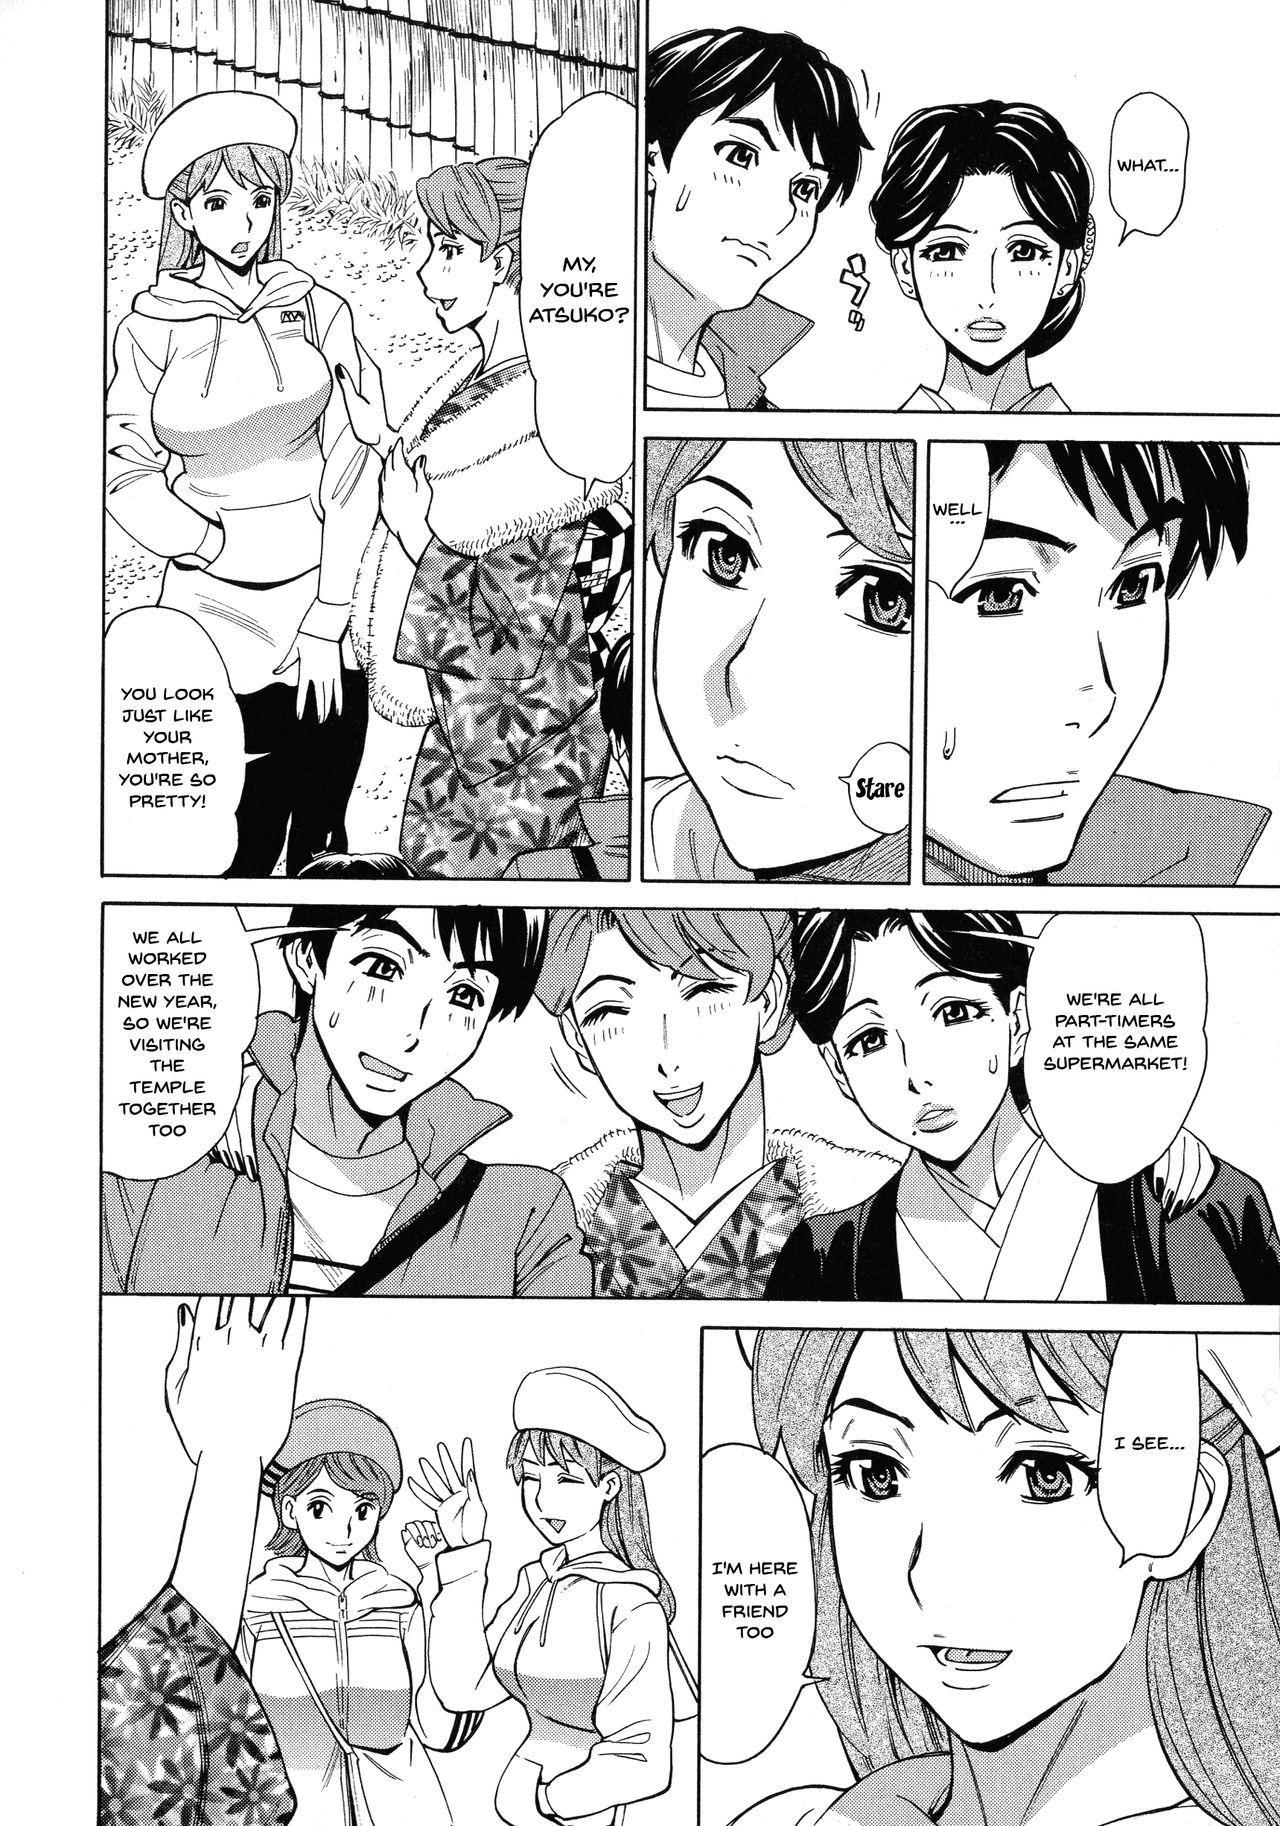 [Makibe Kataru] Hitozuma Koi Hanabi ~Hajimete no Furin ga 3P ni Itaru made~ Ch.1-9 [English] {Doujins.com} 61